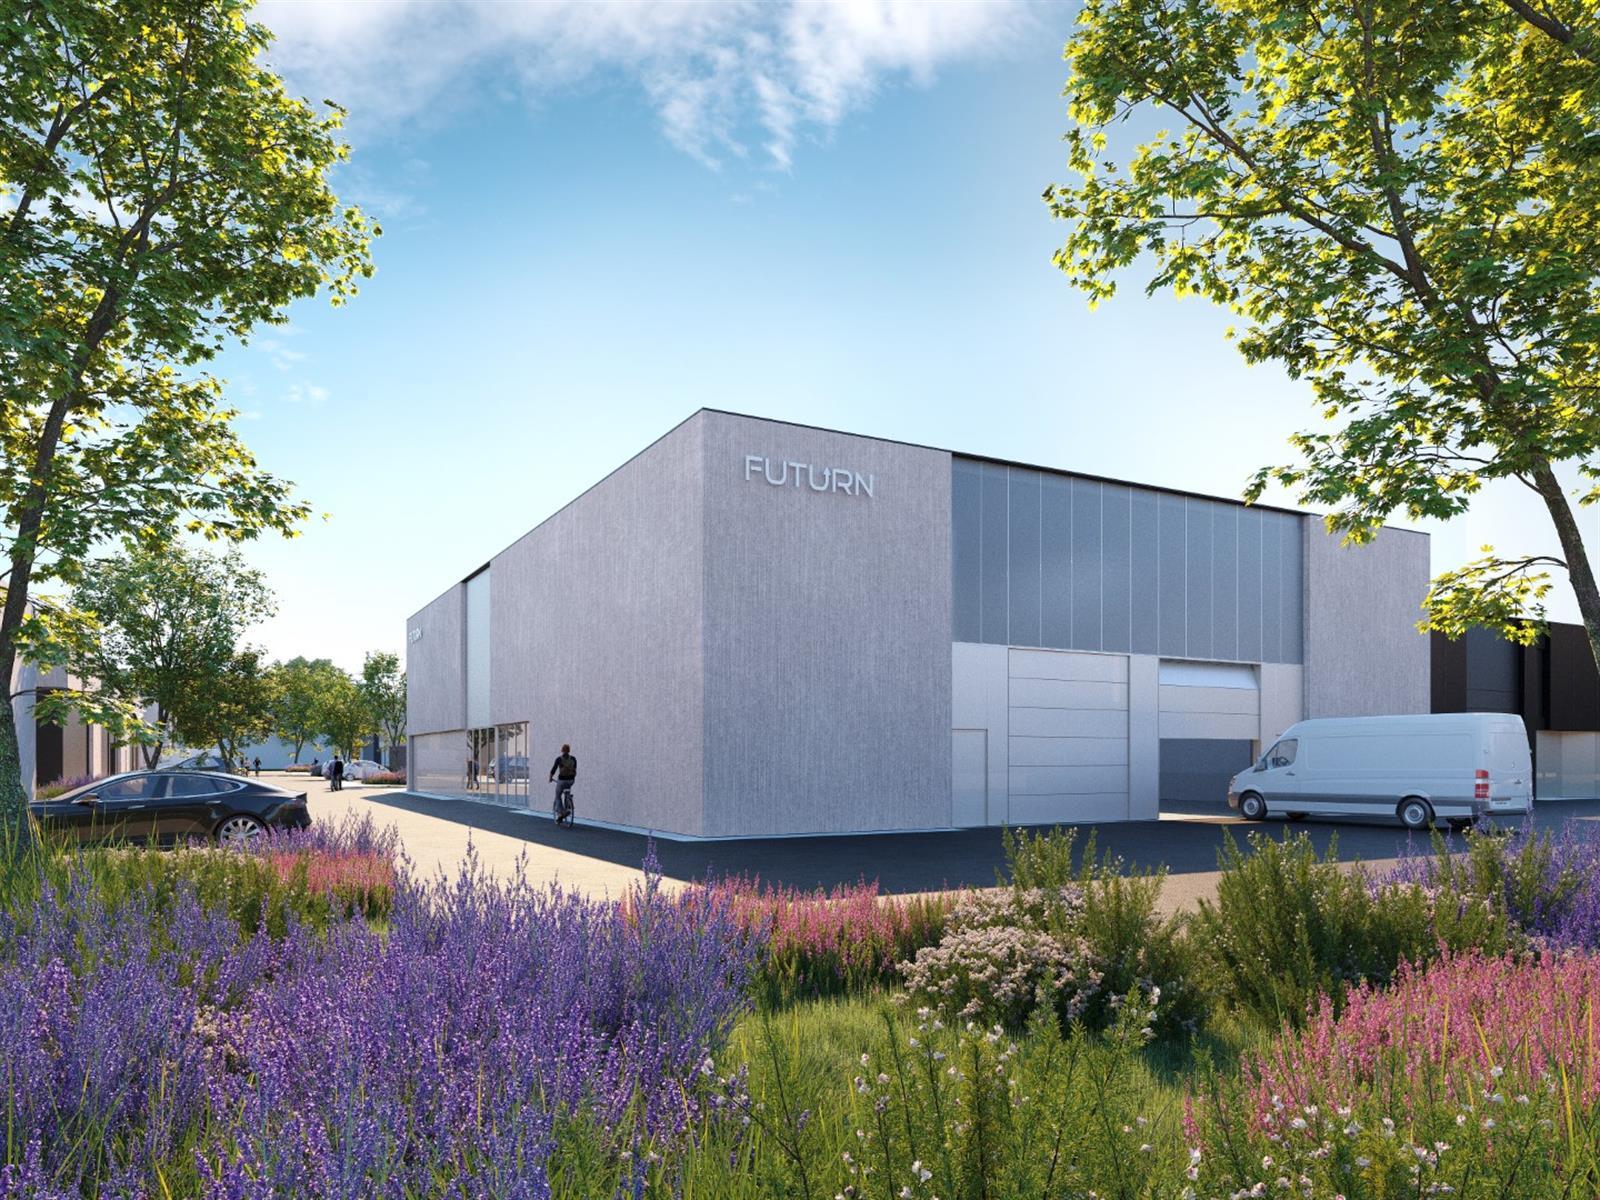 KMO-unit te koop Heros Businesspark KMO Unit 7 - Herkenrodesingel 10, 3500 Hasselt, België 8